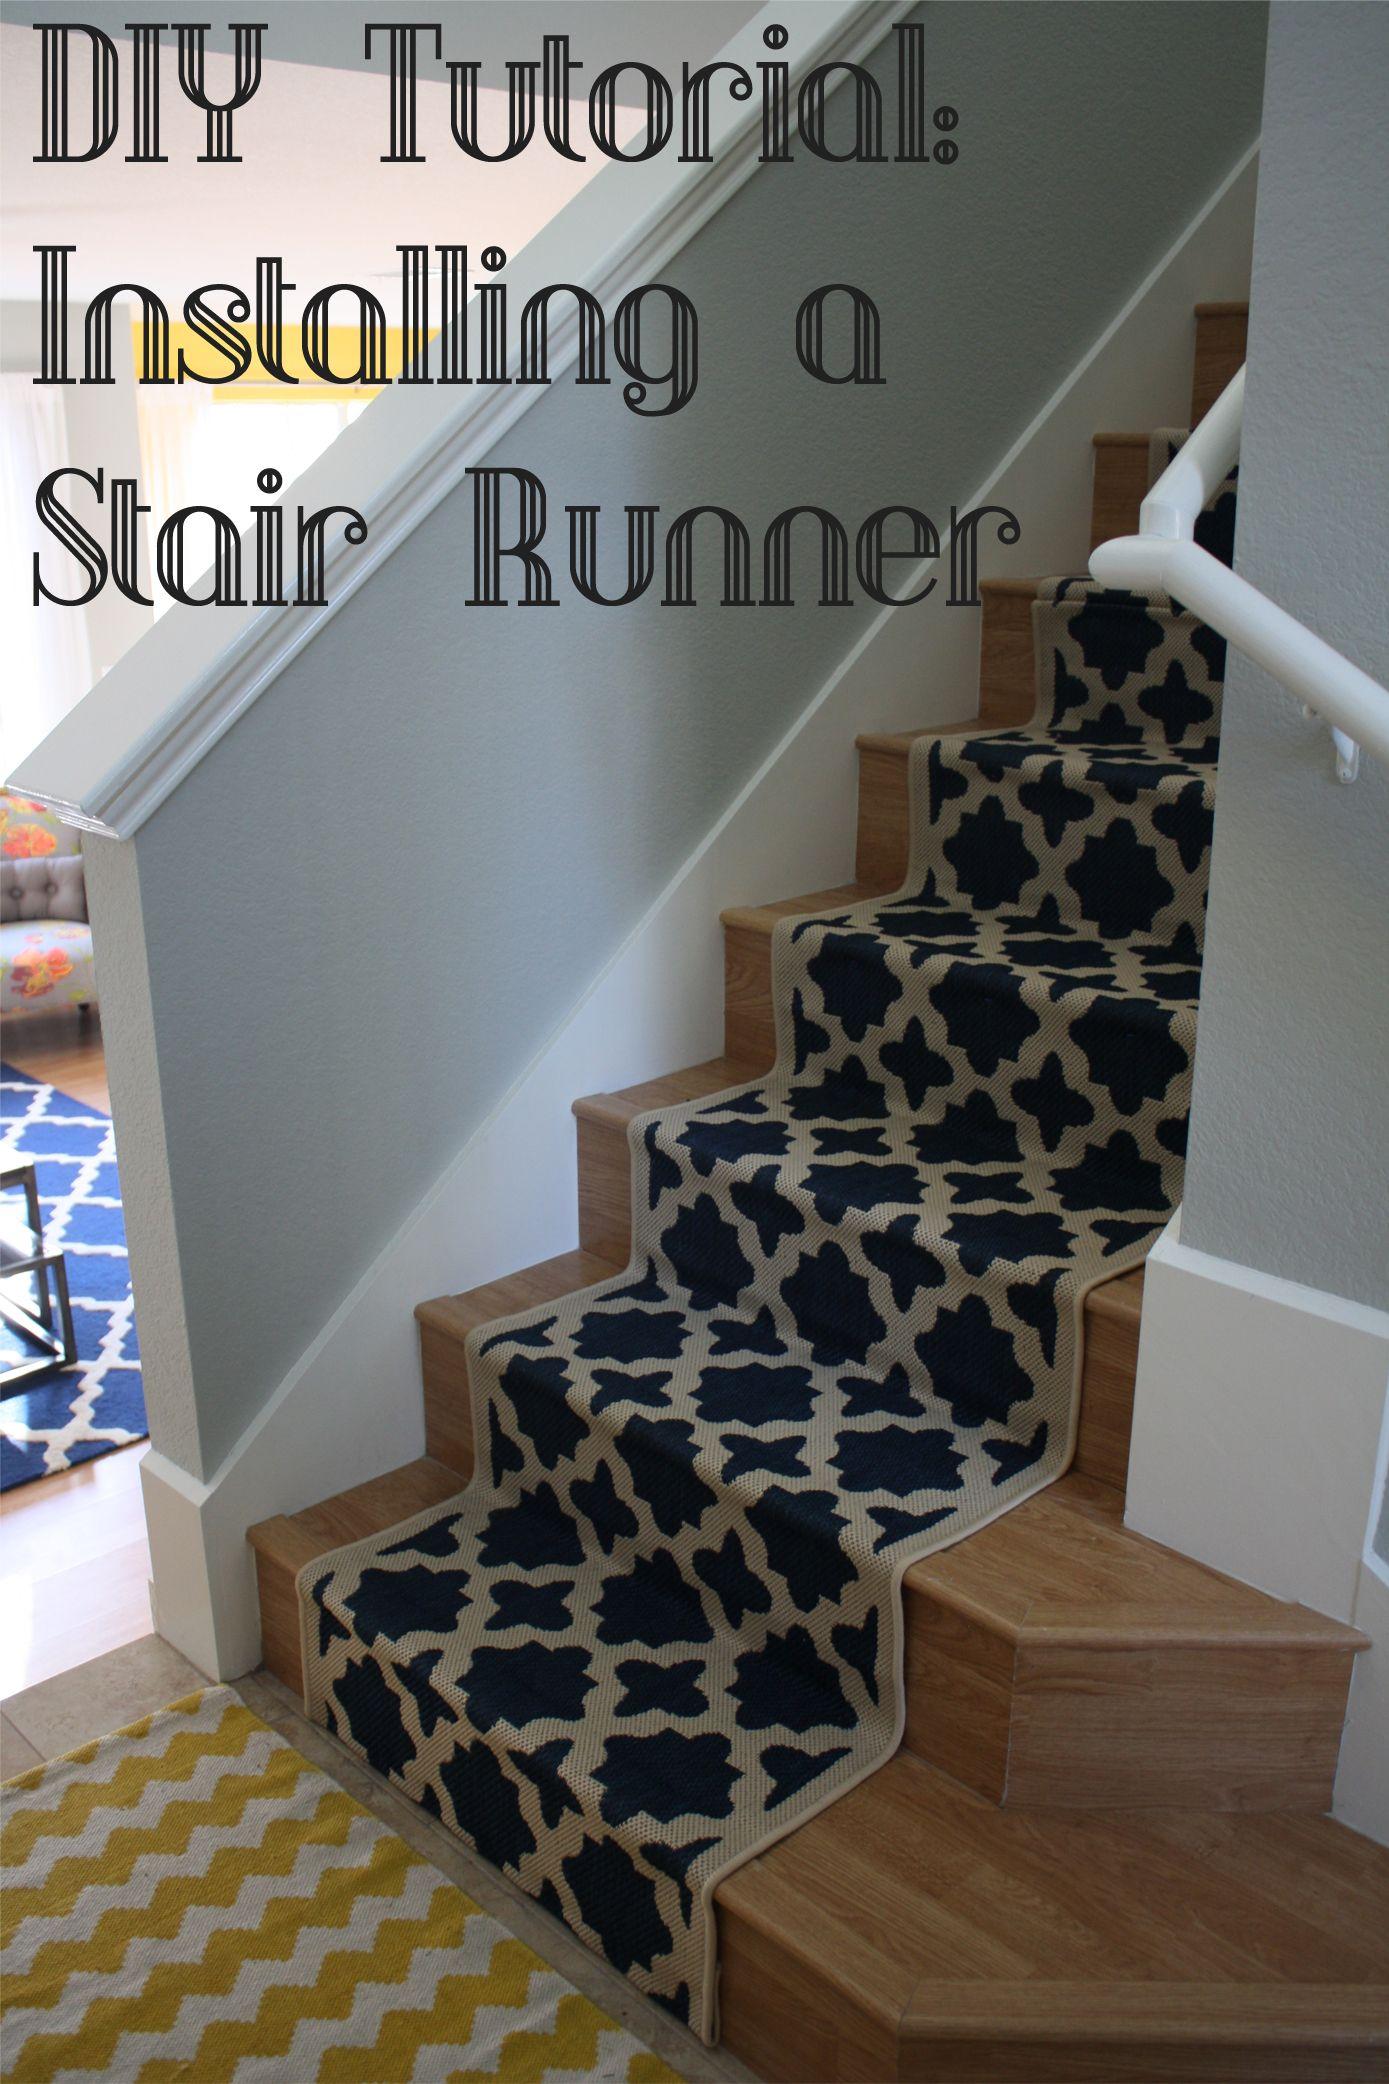 DIY tutorial installing a stair runner Diy stairs